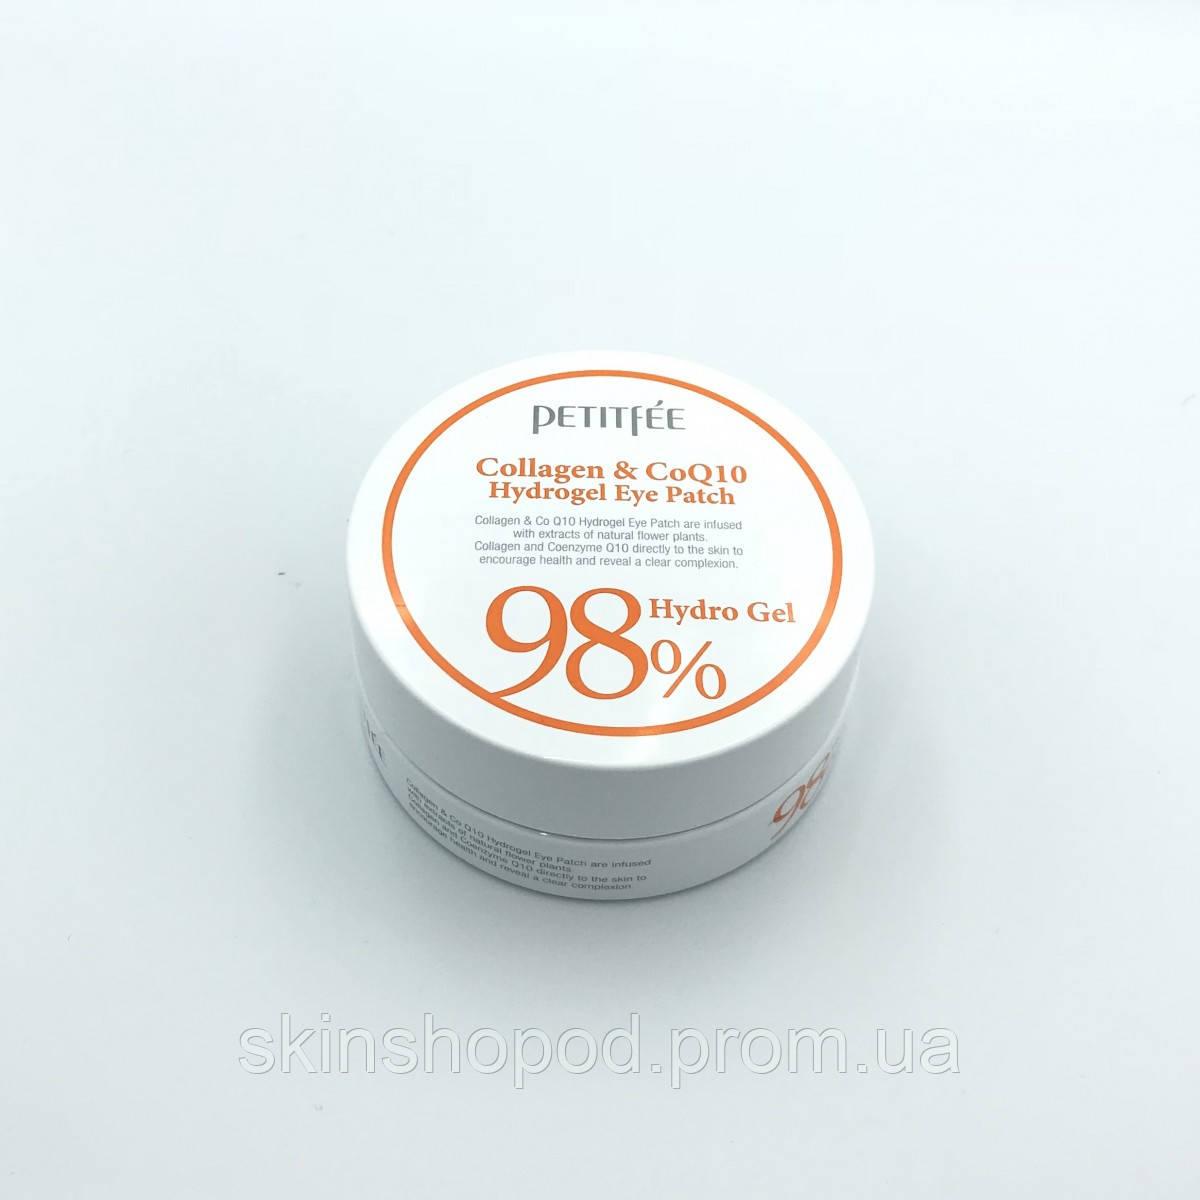 Патчи под глаза с коллагеном и коэнзимом Q10 Collagen & Q10 Hydrogel Eye Patch Petitfee - 60 шт